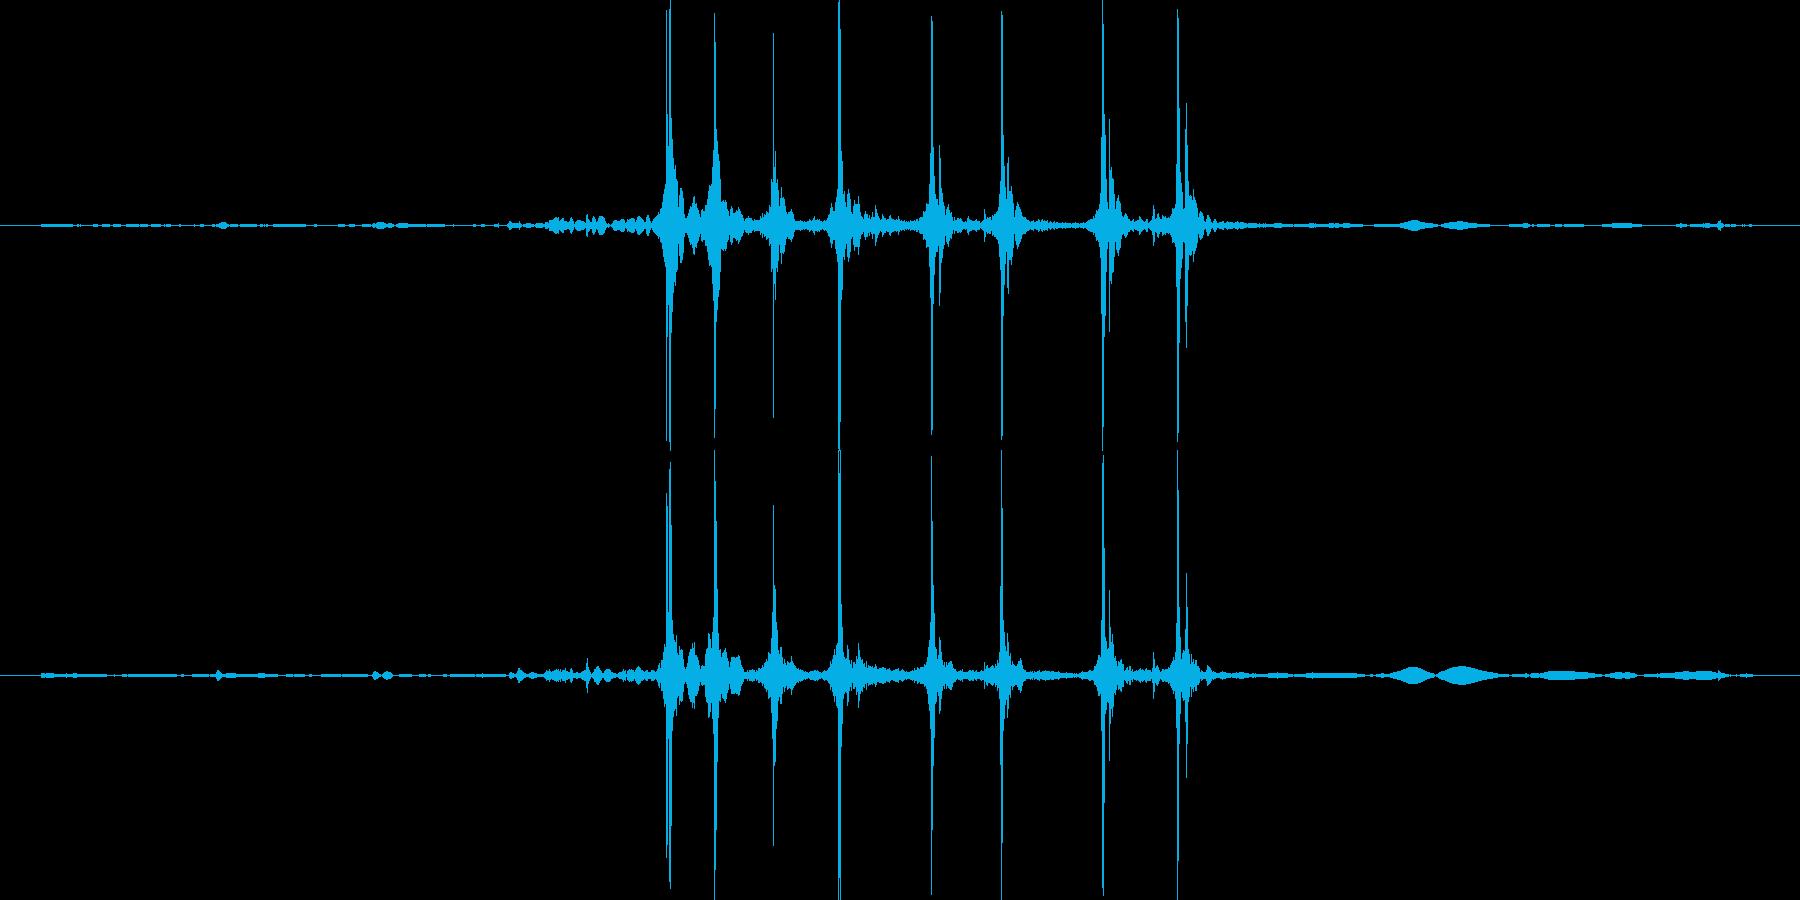 カッターを出す音ですの再生済みの波形